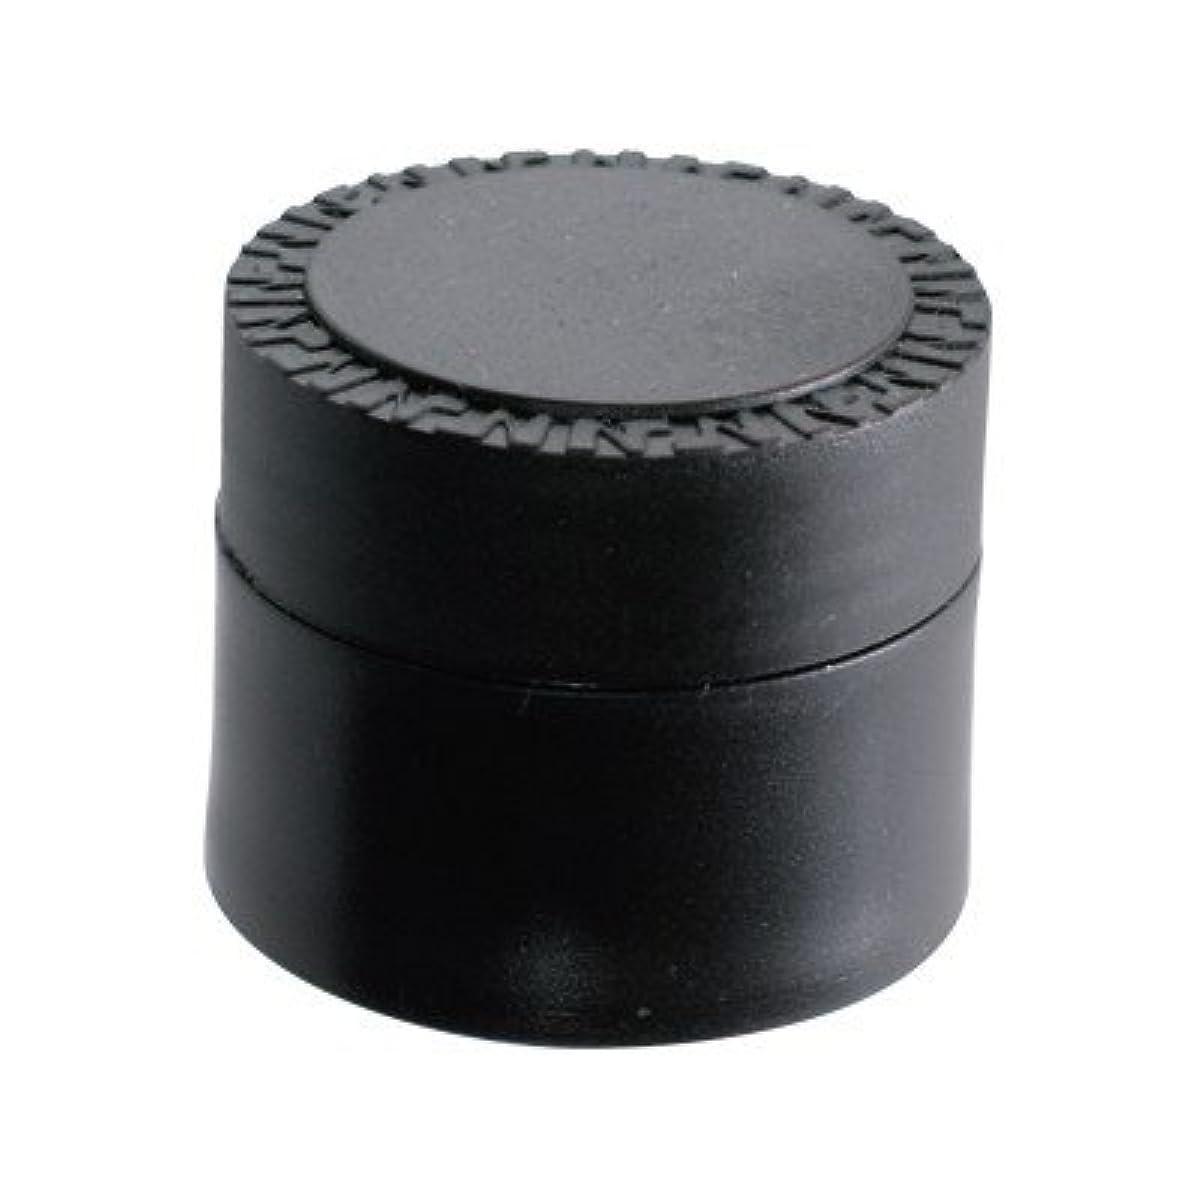 回路エトナ山興味NFS メルティージェル 空容器 黒 18g